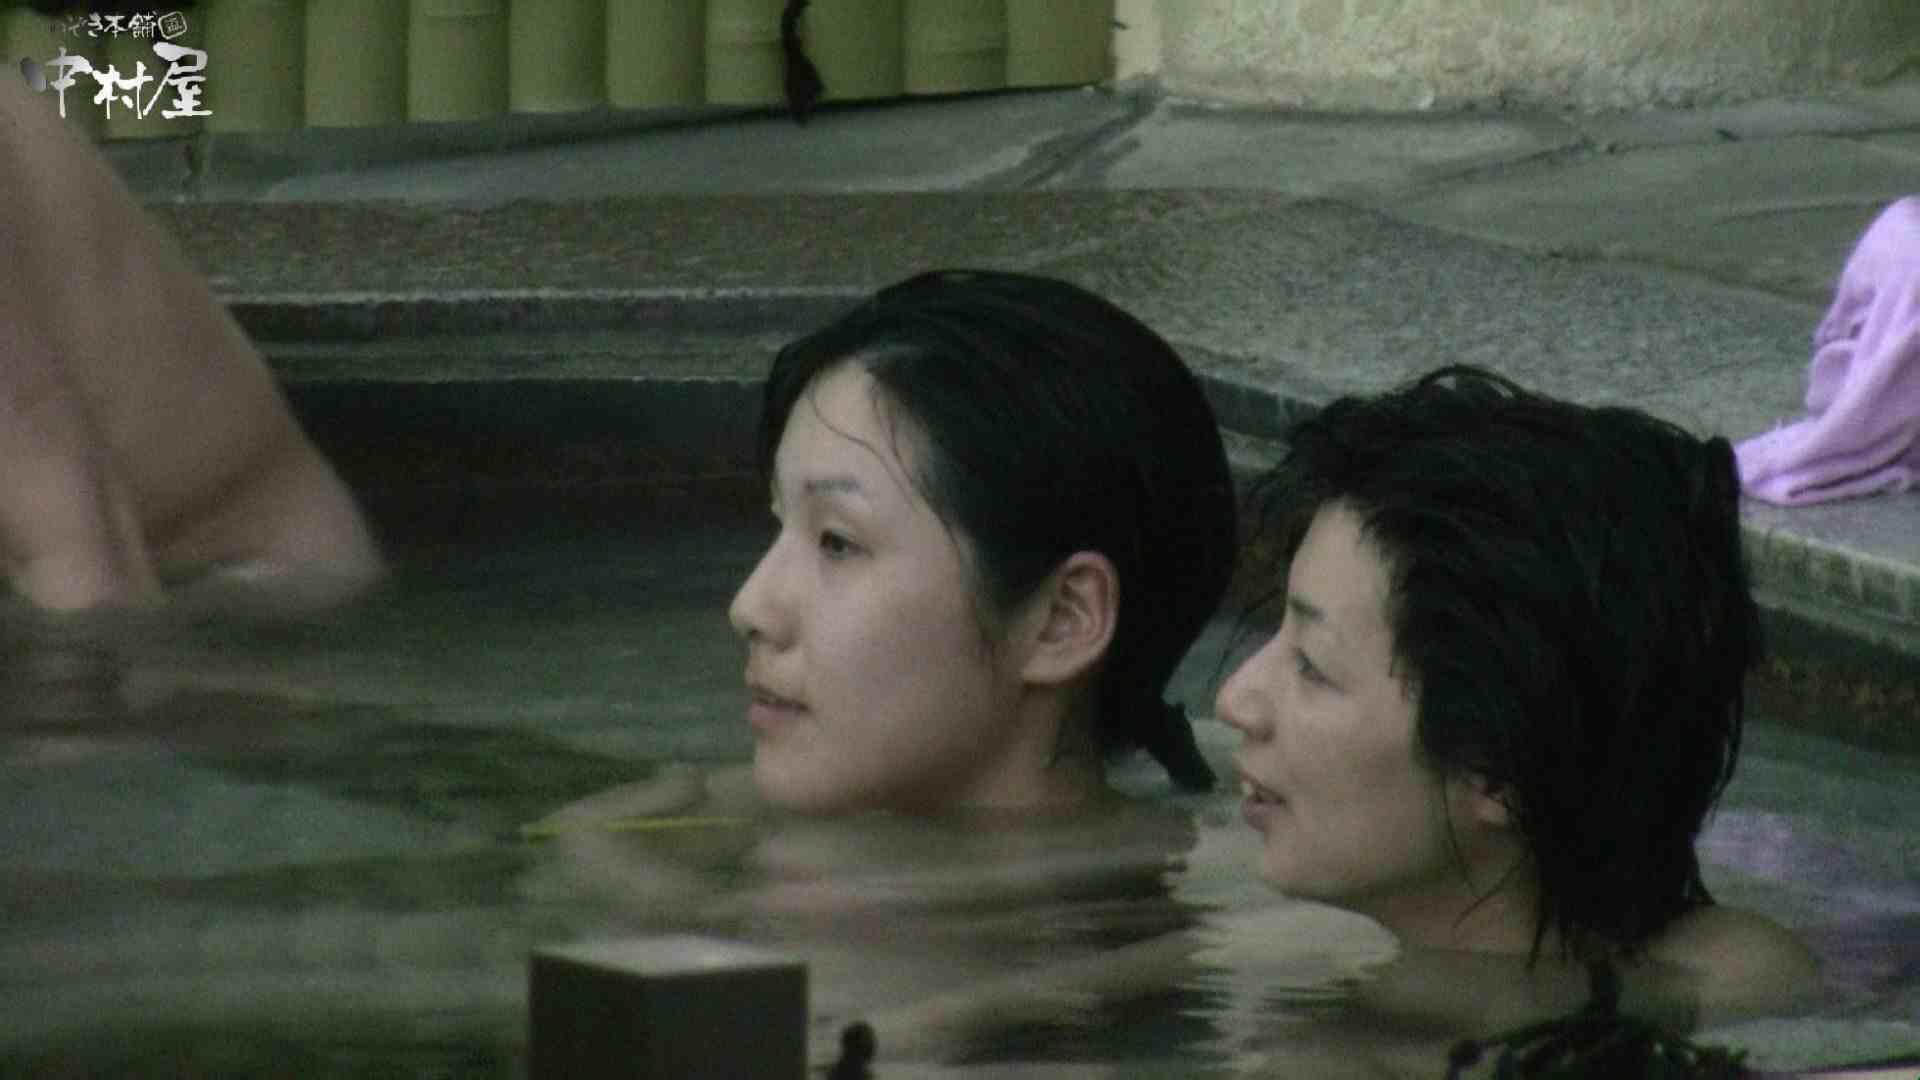 Aquaな露天風呂Vol.983 盗撮特集 | 露天  94画像 30